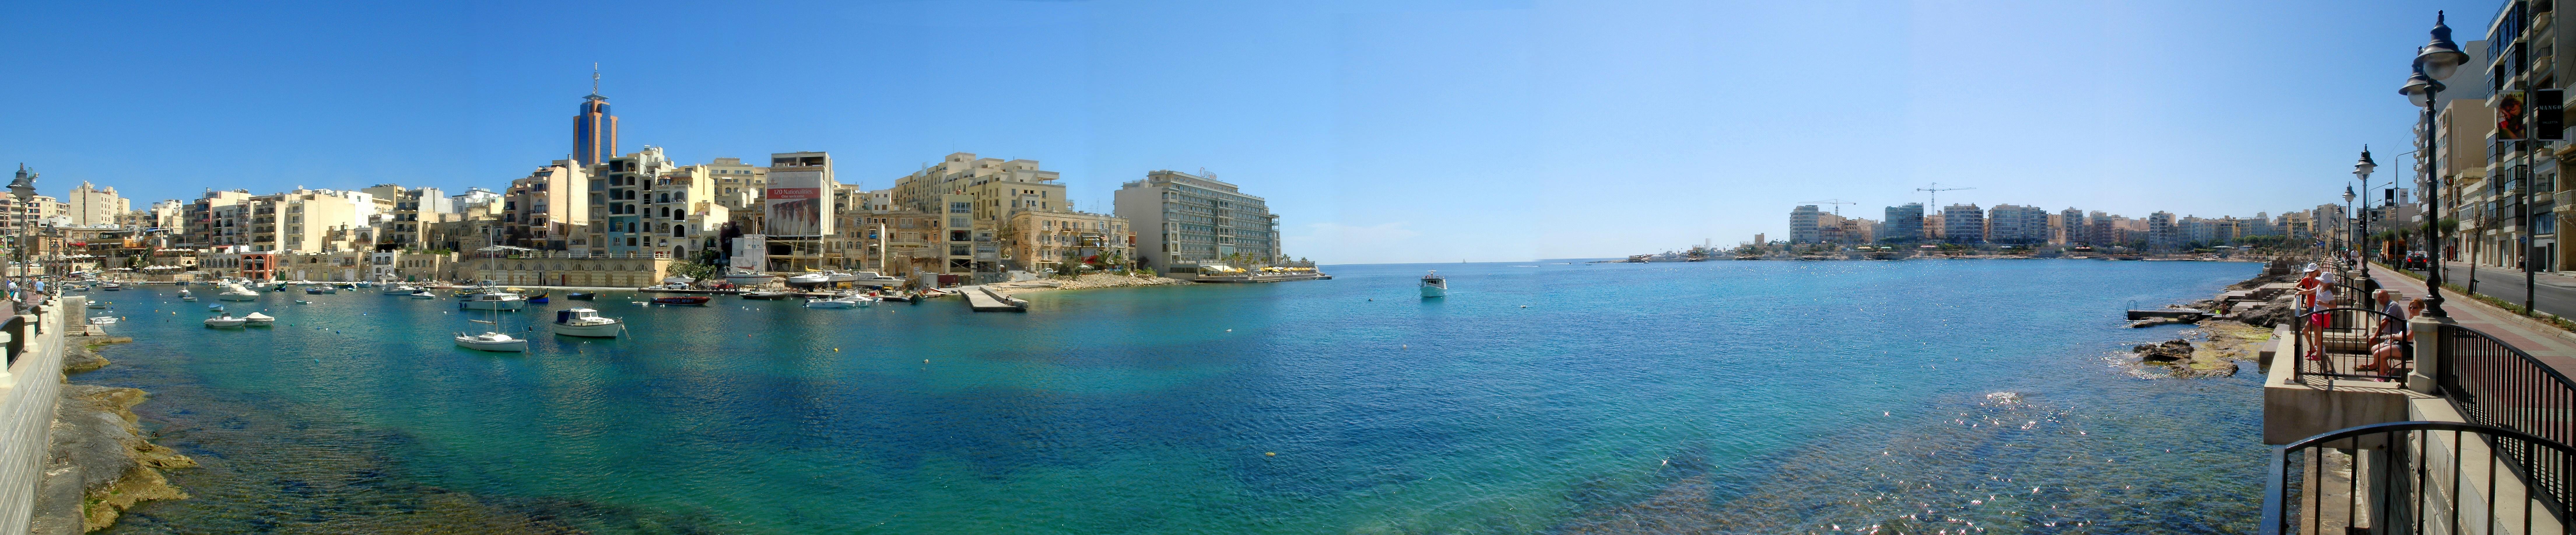 File:St. Julian's Bay, Malta.jpg - Wikimedia Commons